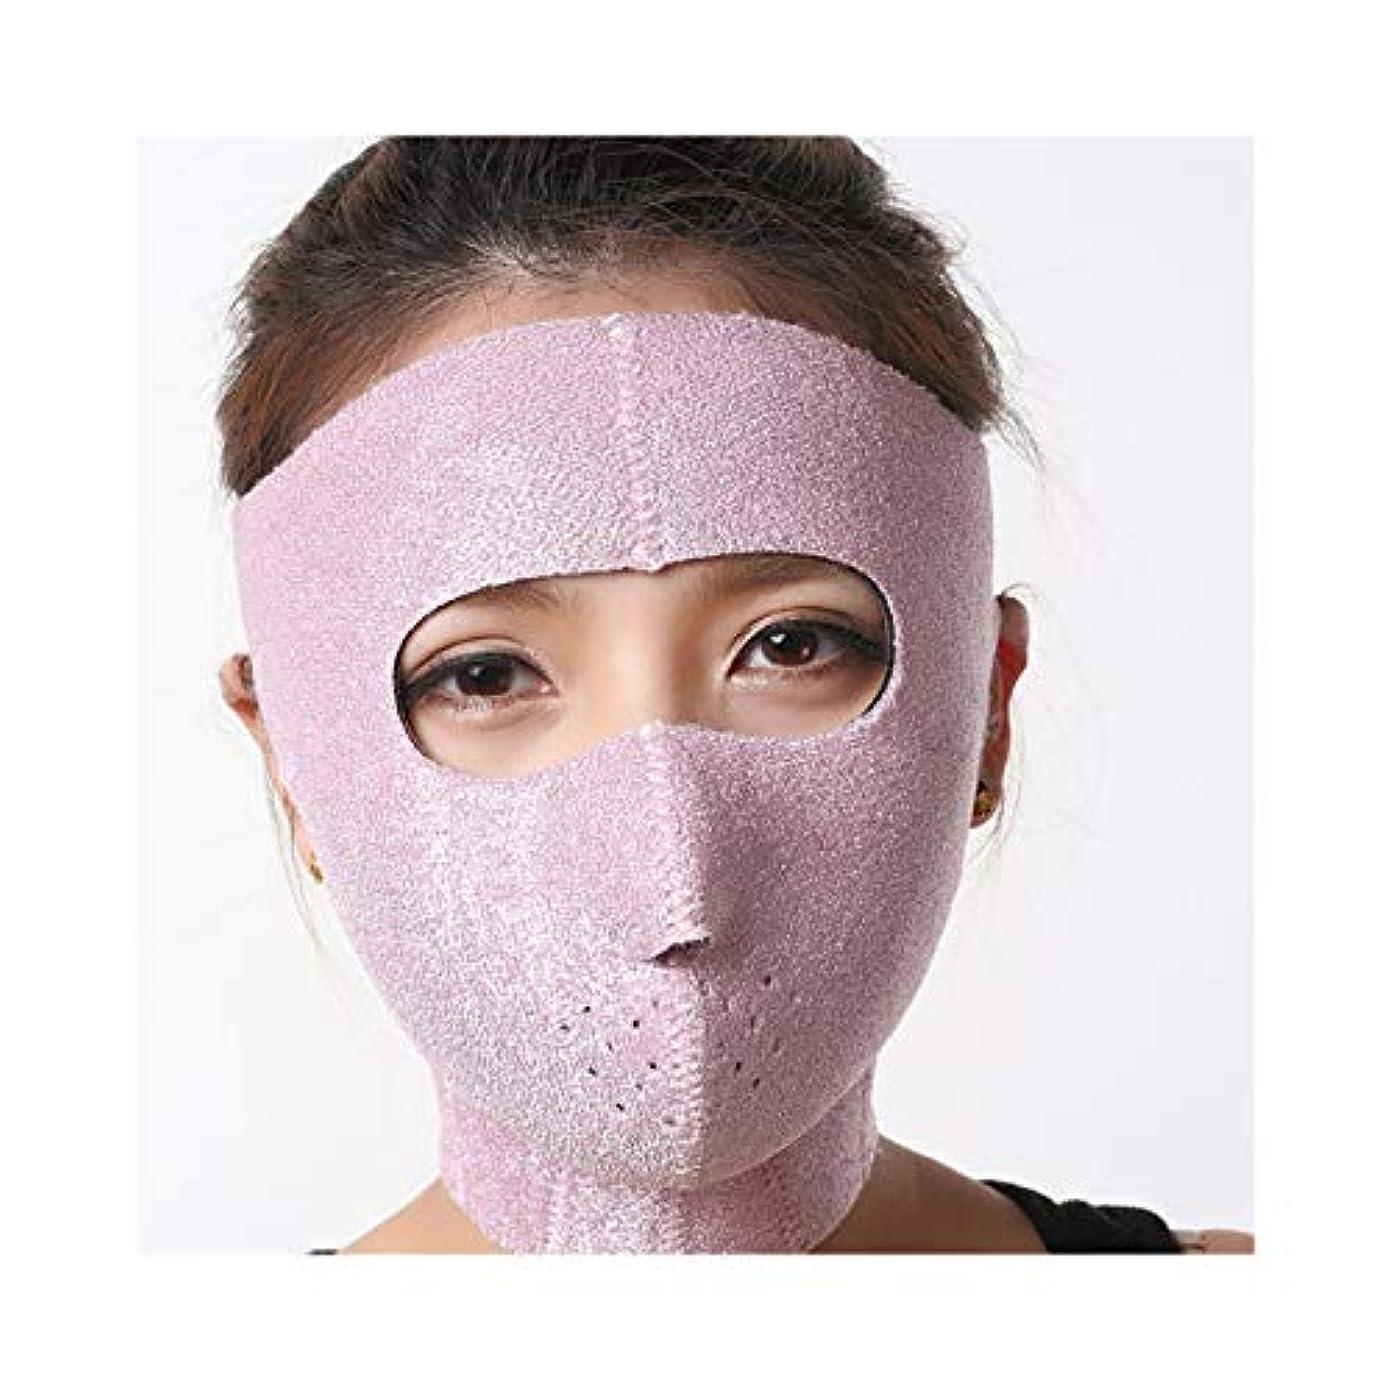 鑑定更新すばらしいですLJK 痩身ベルト、フェイシャルマスク薄いフェイスマスク睡眠薄い顔マスク薄い顔包帯薄い顔アーティファクト薄い顔の顔の持ち上がる薄い顔小さいV顔睡眠薄い顔ベルト